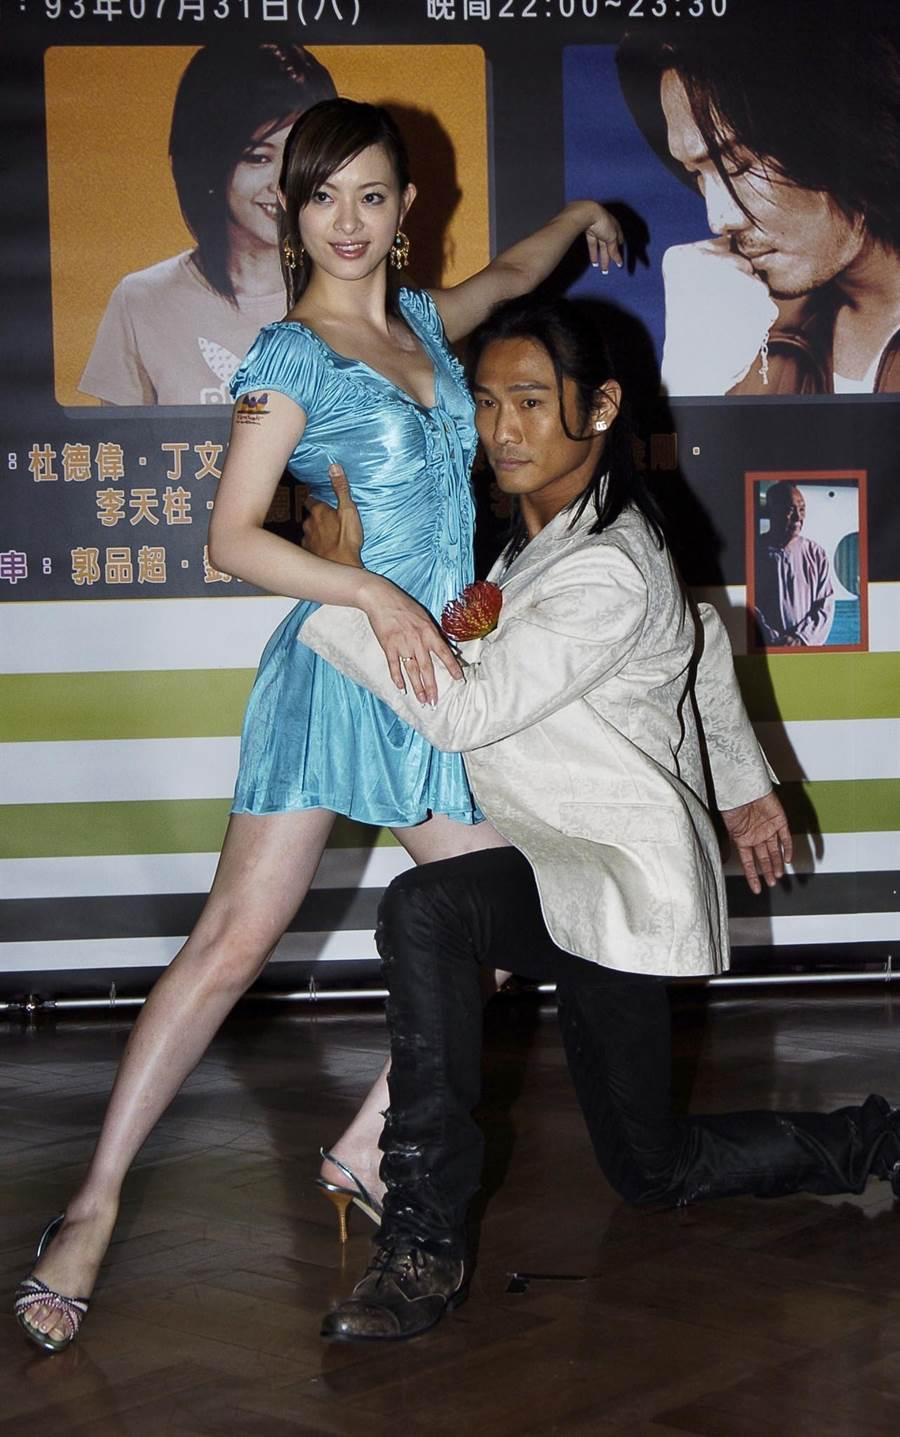 2004年劉真客串偶像劇《眉飛色舞》和杜德偉合作。(圖/中時資料照片)